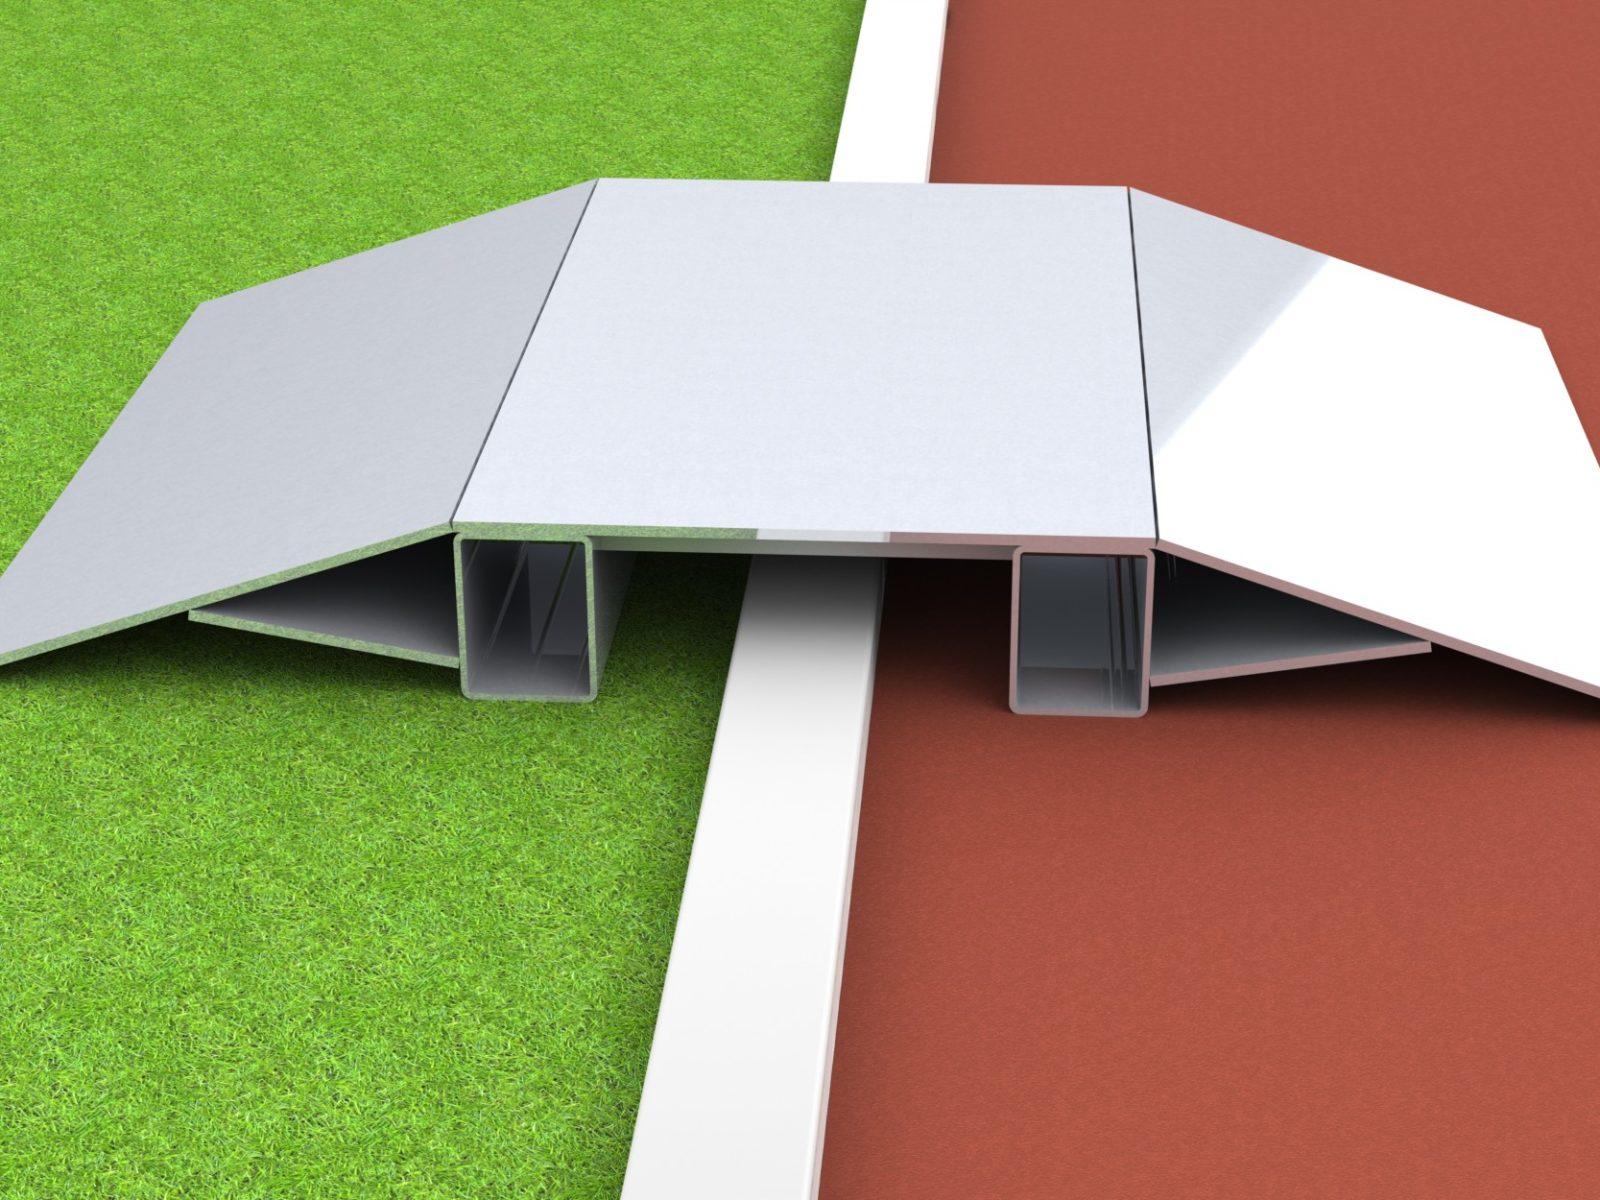 Überfahrrampe aus Aluminium für Stadion und Sportplatz mit artec Sportgeräte